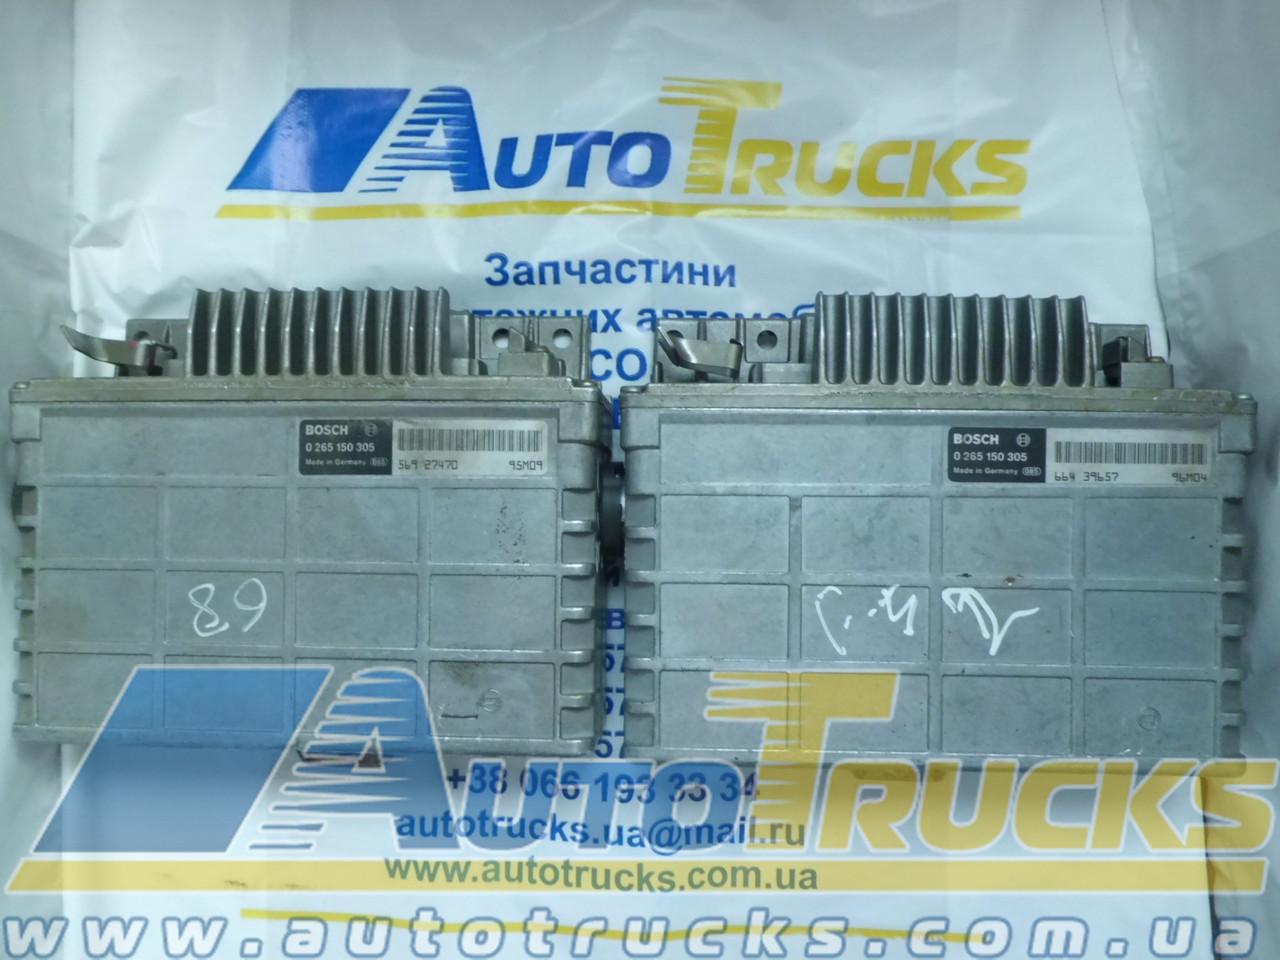 Блок управления автобуса ABS BOSCH 0265150305 Б/у для MAN (56427470; 66439657)